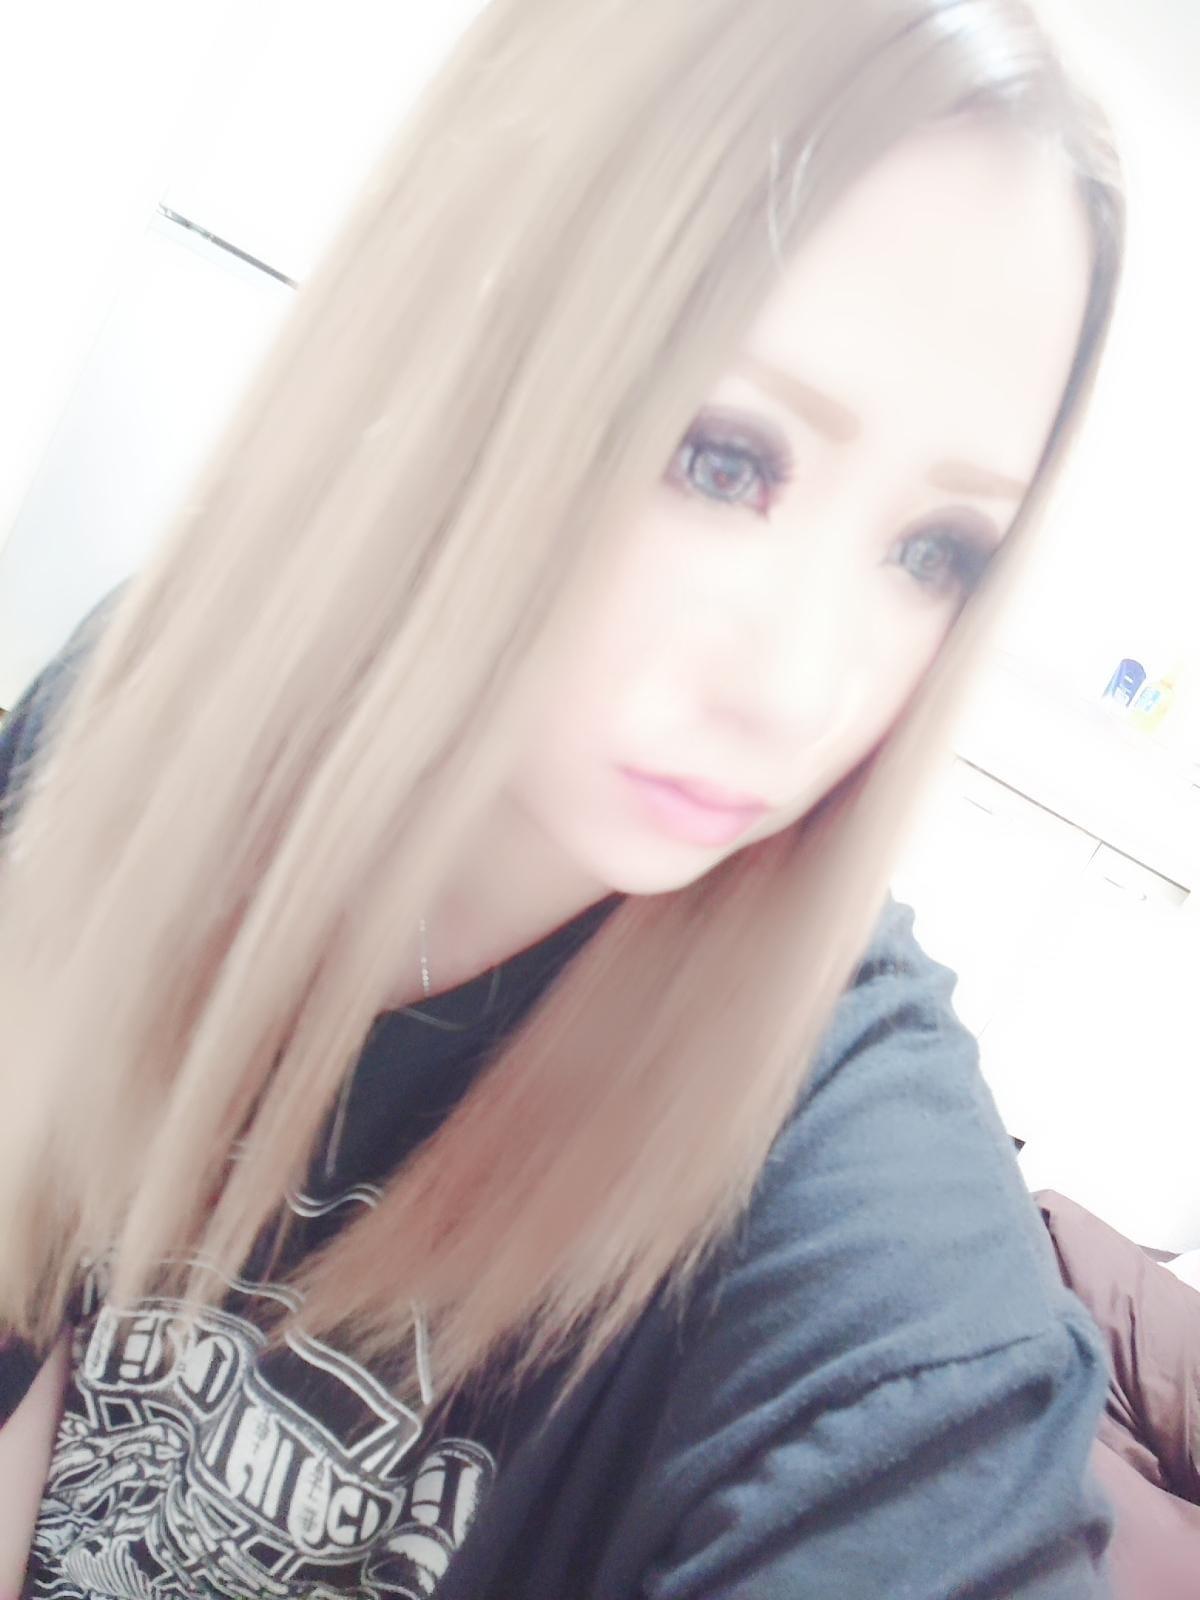 ユイカ「今日も☆*°」01/20(月) 19:53 | ユイカの写メ・風俗動画